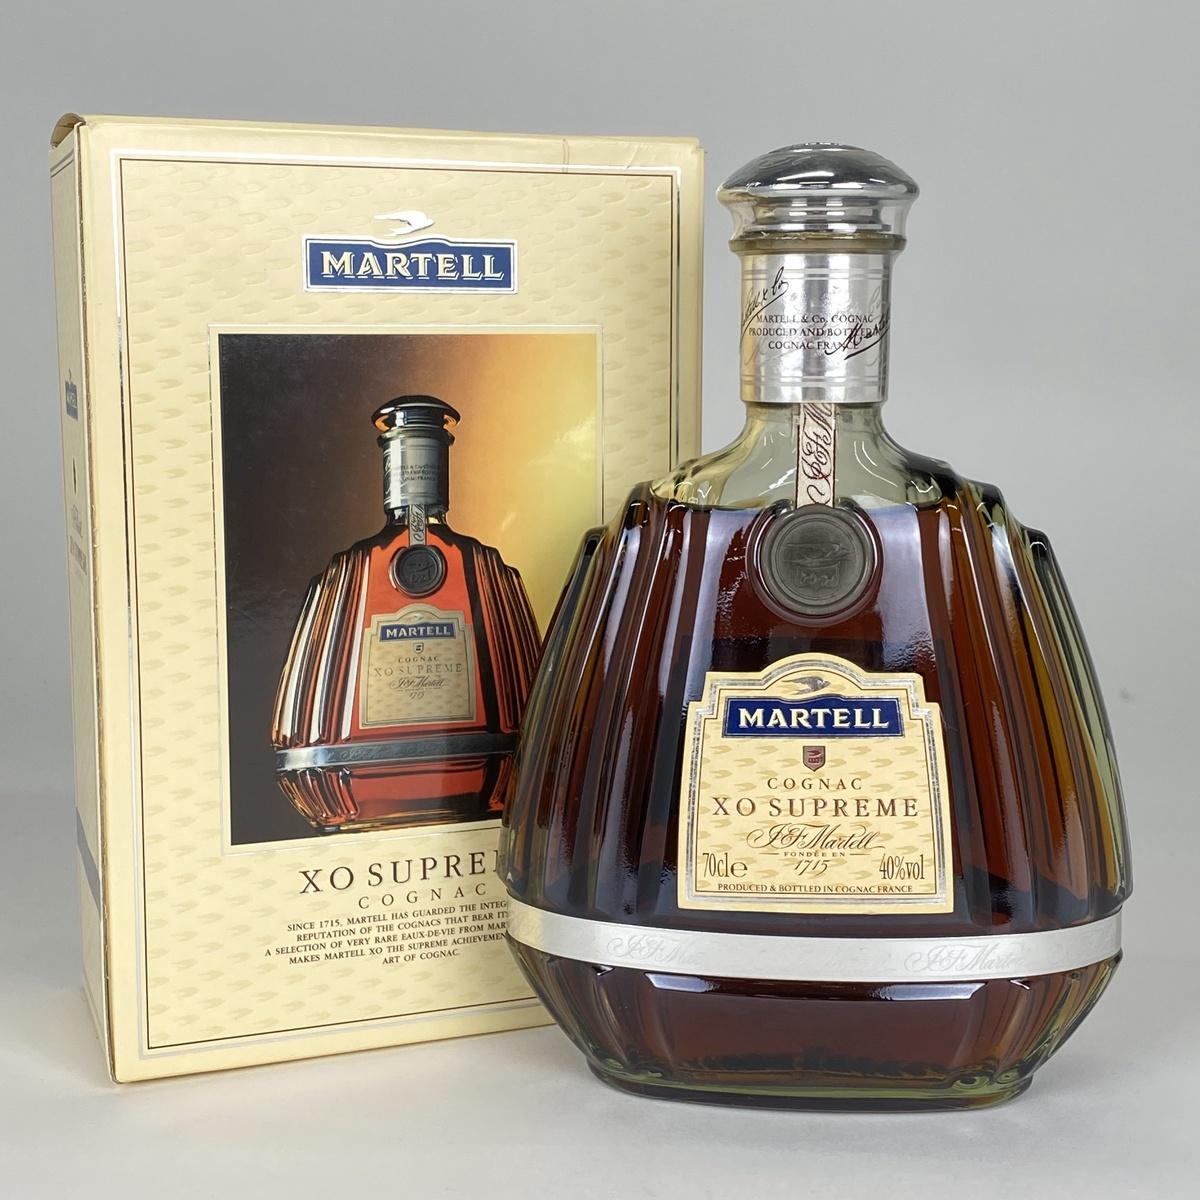 マーテル MARTELL XO スプリーム グリーンボトル 700ml ブランデー コニャック 【古酒】